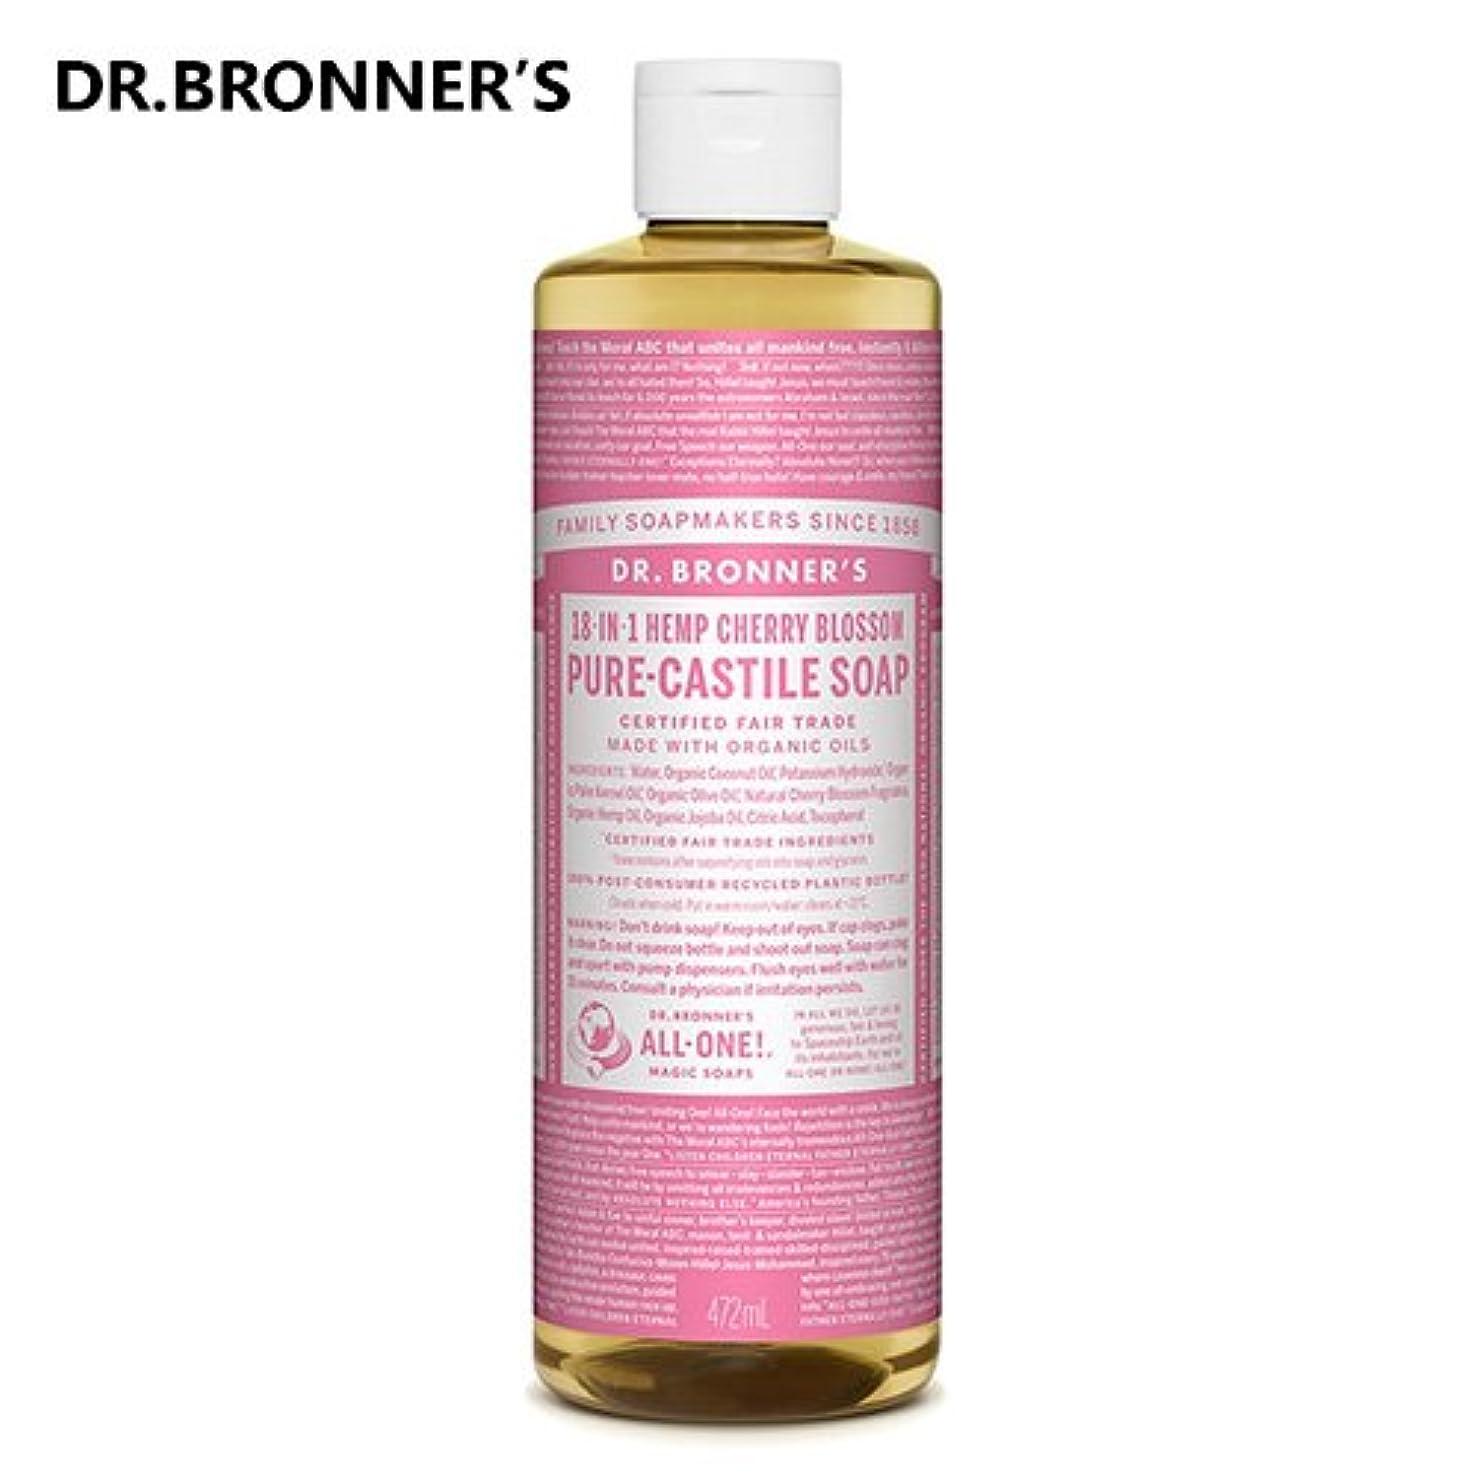 開発形成不合格ドクターブロナー マジックソープ チェリーブロッサム 472ml ドクターブロナー DR.BRONNER'S